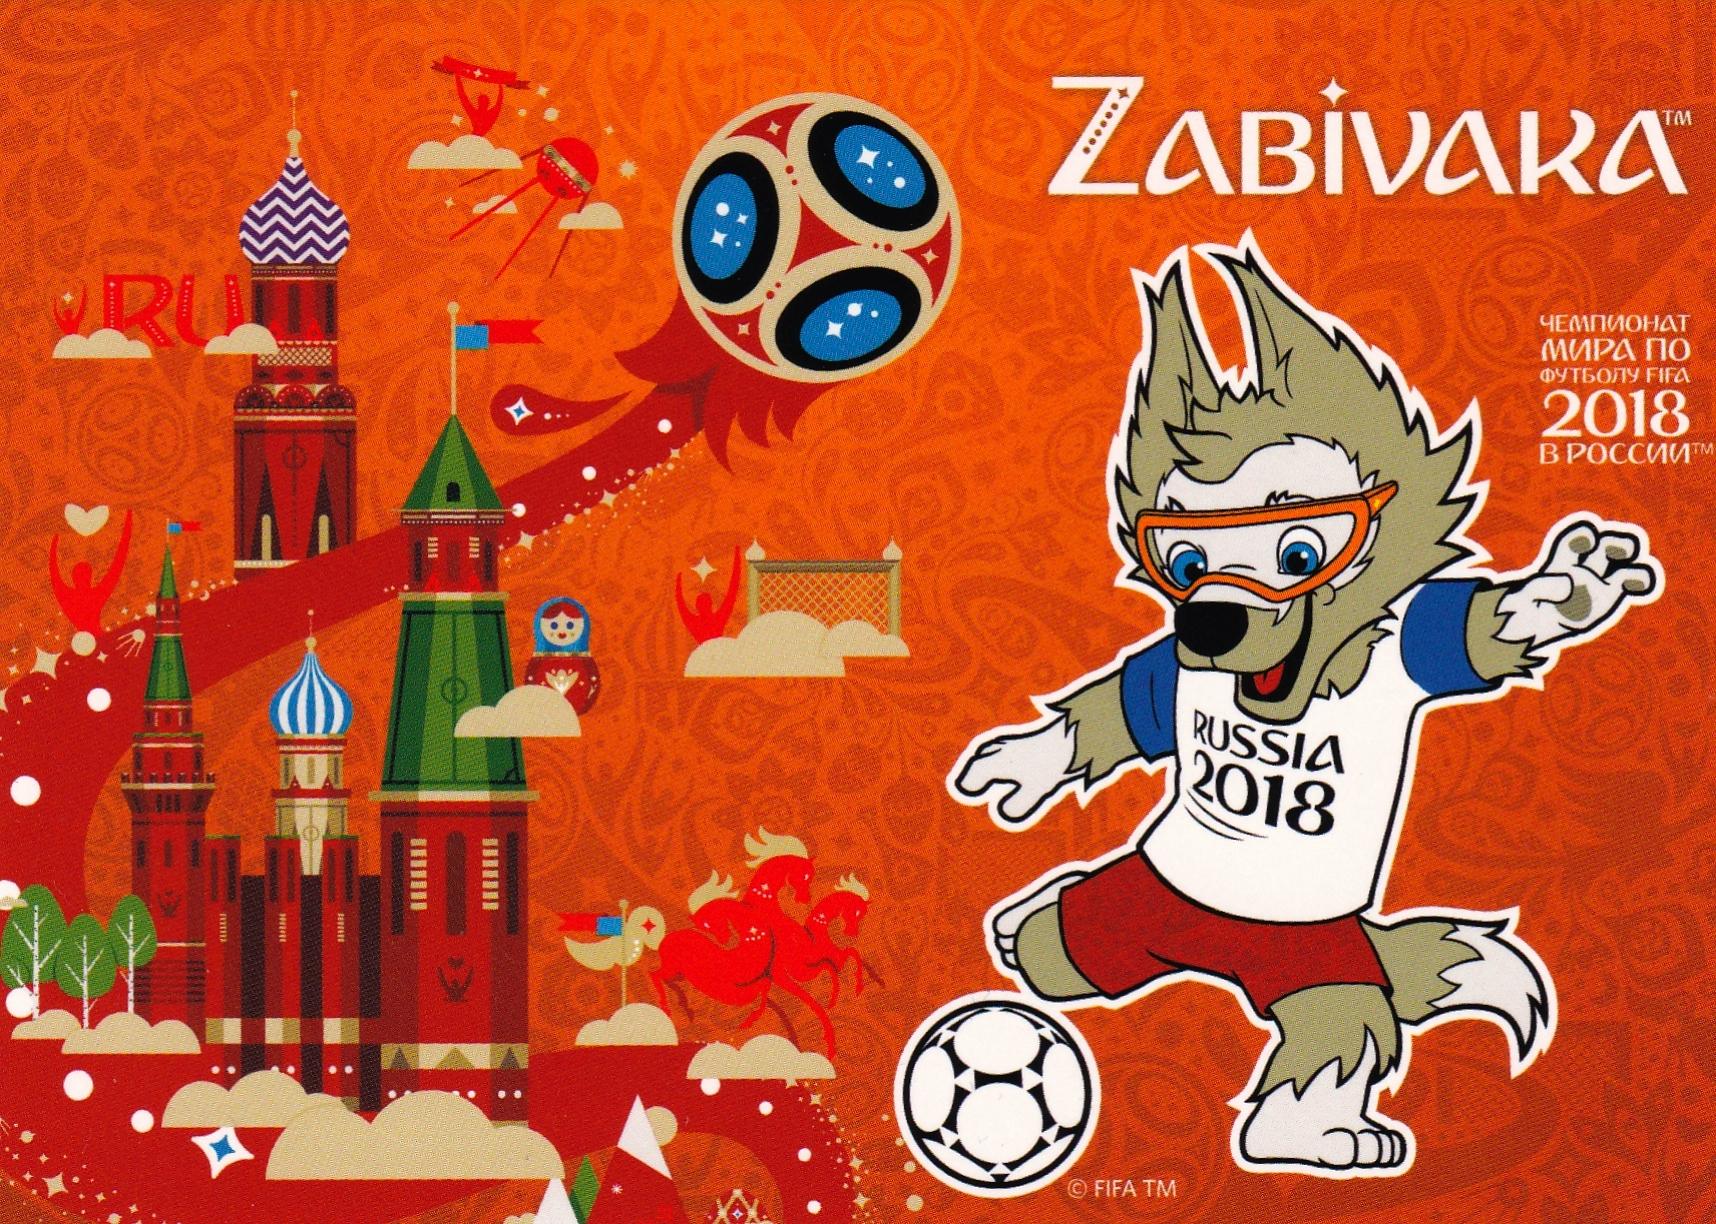 La Mascota del Mundial Rusia 2018 - 1716x1224